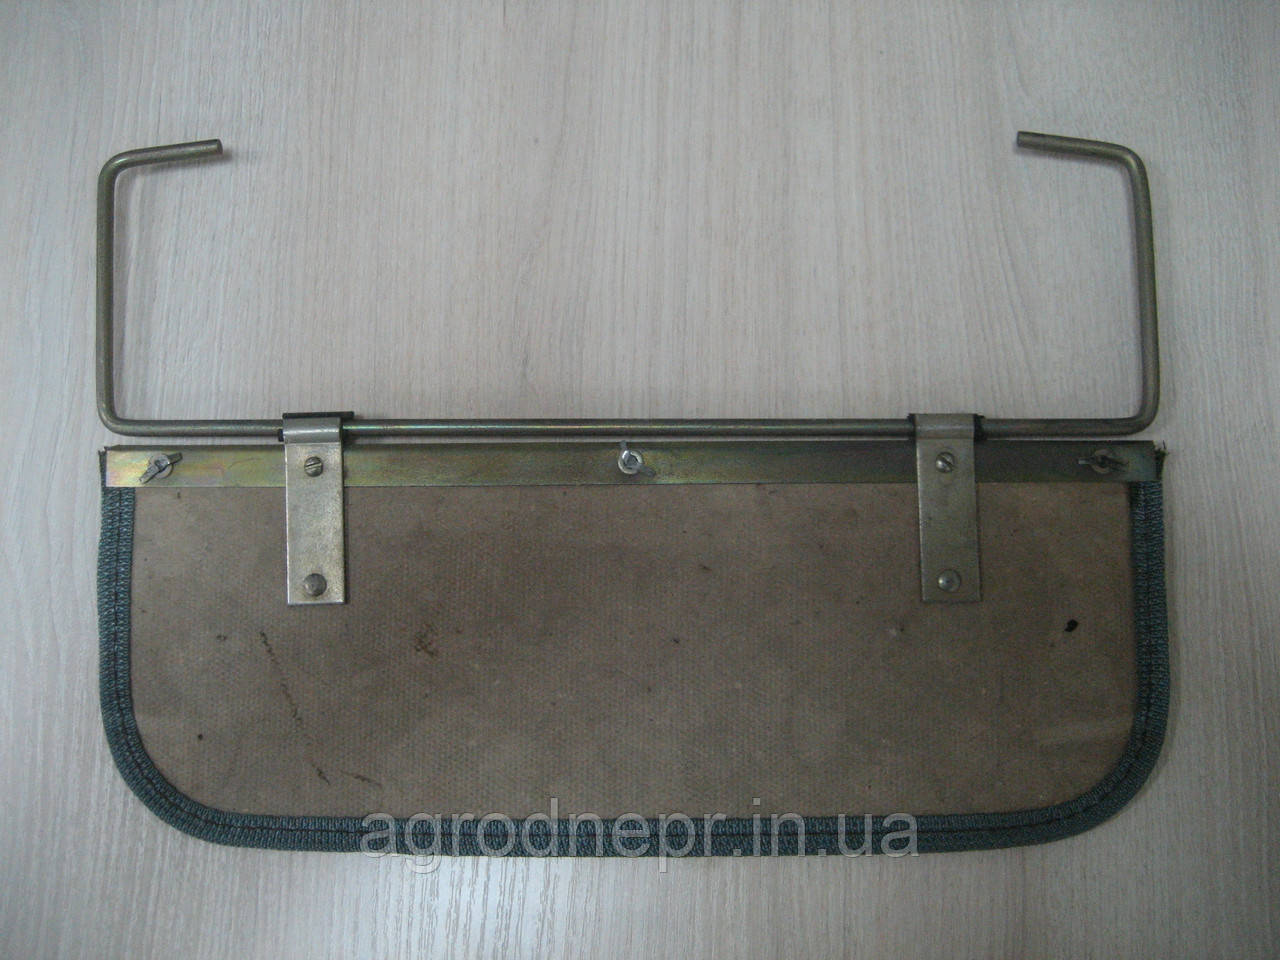 Козырек противосолнечный на ЮМЗ с креплением 45-8204005 СБ